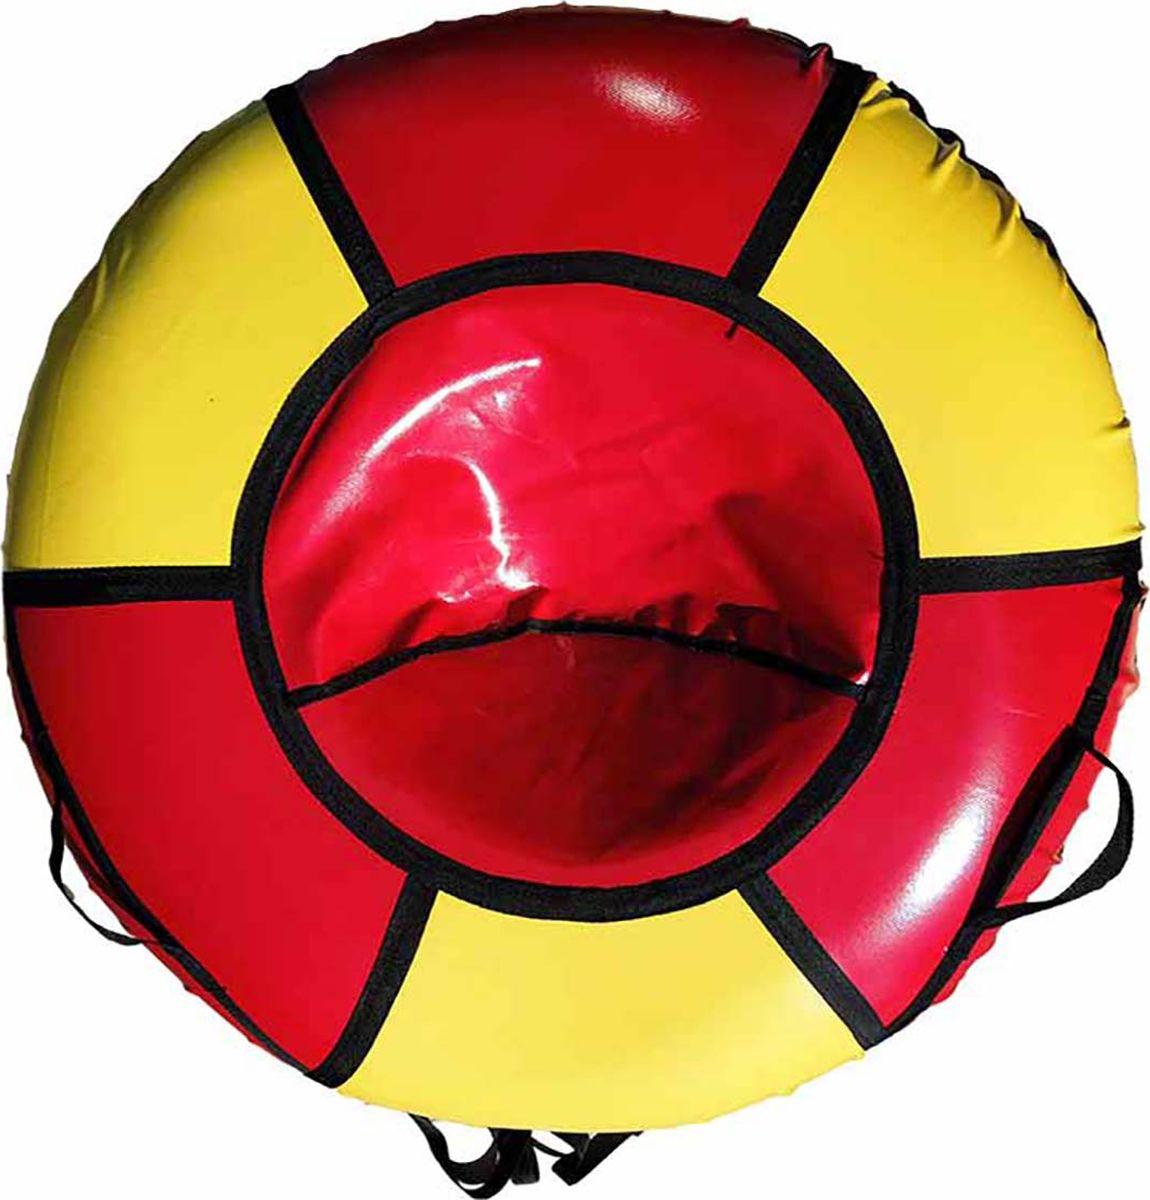 Тюбинг Эх, Прокачу! Профи-6, цвет: красный, желтый, диаметр 85 смСП85-6-1Любимая детская зимняя забава - это кататься с горки. А катание на тюбинге Эх, Прокачу! Профи-6 надолго запомнится вам и вашим близким. Свежий воздух, веселая компания, веселые развлечения - эти моменты вы будете вспоминать еще долгое время. Специальные материалы и уникальная конструкция днища превосходно скользят, даже если снега совсем немного. Высокая прочность позволит весело проводить время детям и взрослым, не заботясь о поломках. Модель очень вместительная, возможность соскальзывания практически исключена.Особенности: Материал - ткань ПВХ, плотность 630 г/м2.Диаметр в надутом виде - 85 см.Морозоустойчивость - до -45 градусов.Камера российского производства, буксировочный ремень. Тюбинг не предназначен для буксировки механическими или транспортными средствами (подъемники, канатные дороги, лебедки, автомобиль, снегоход, квадроцикл и т.д.).Допускается деформация формы санок из-за неравномерности надувания камеры.